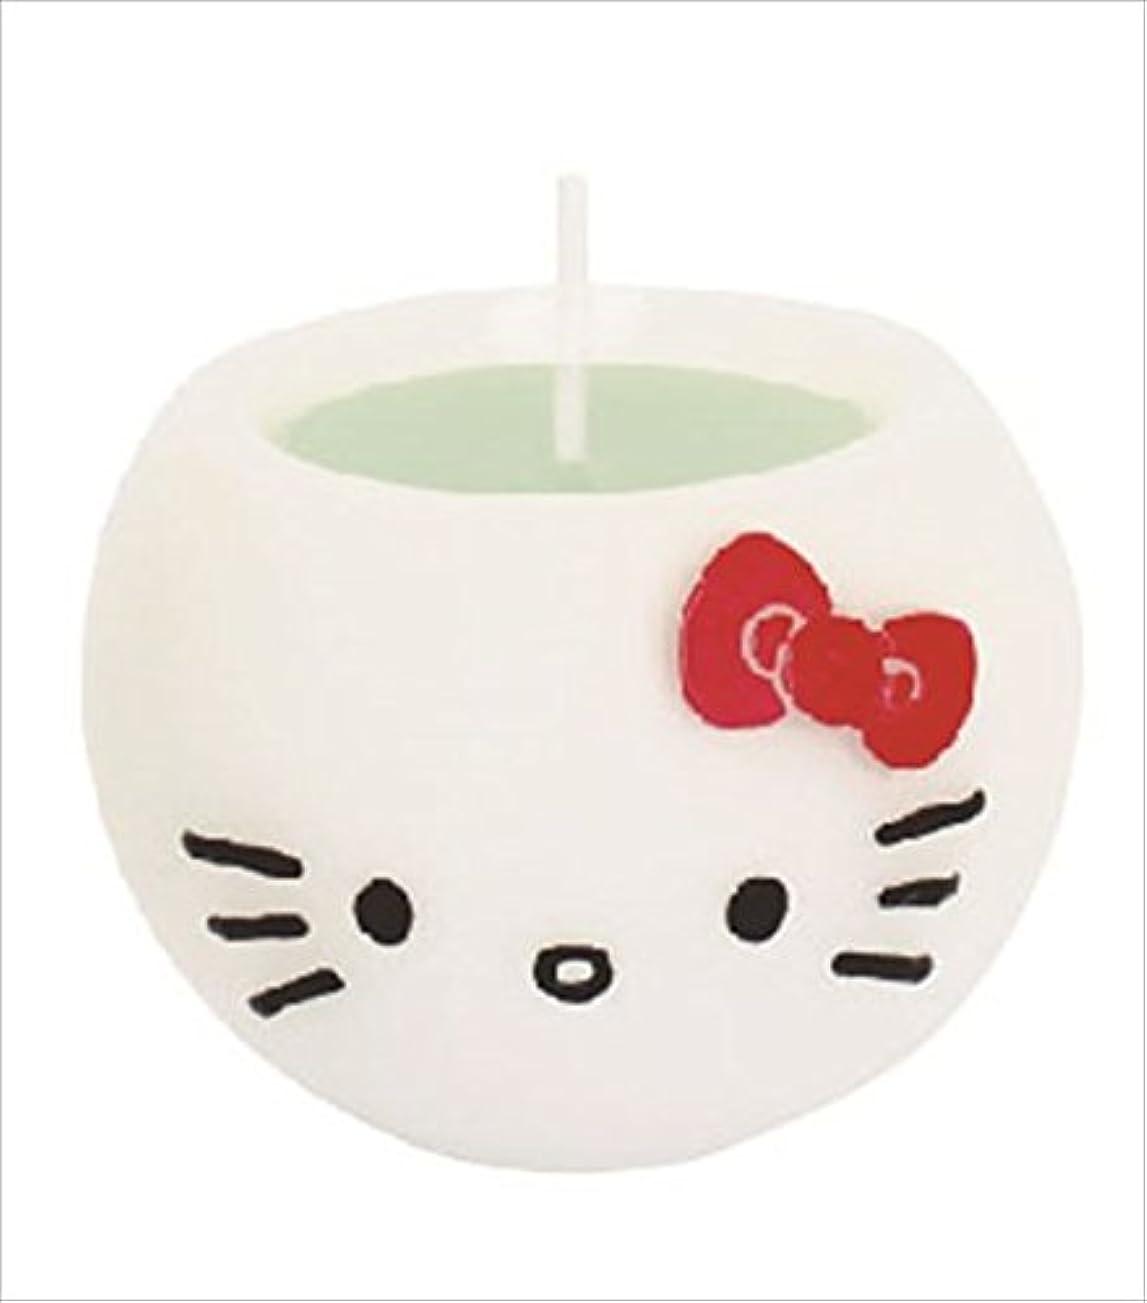 意識閉じ込める変なカメヤマキャンドル( kameyama candle ) ハローキティアロマキャンドル 「 アップル 」